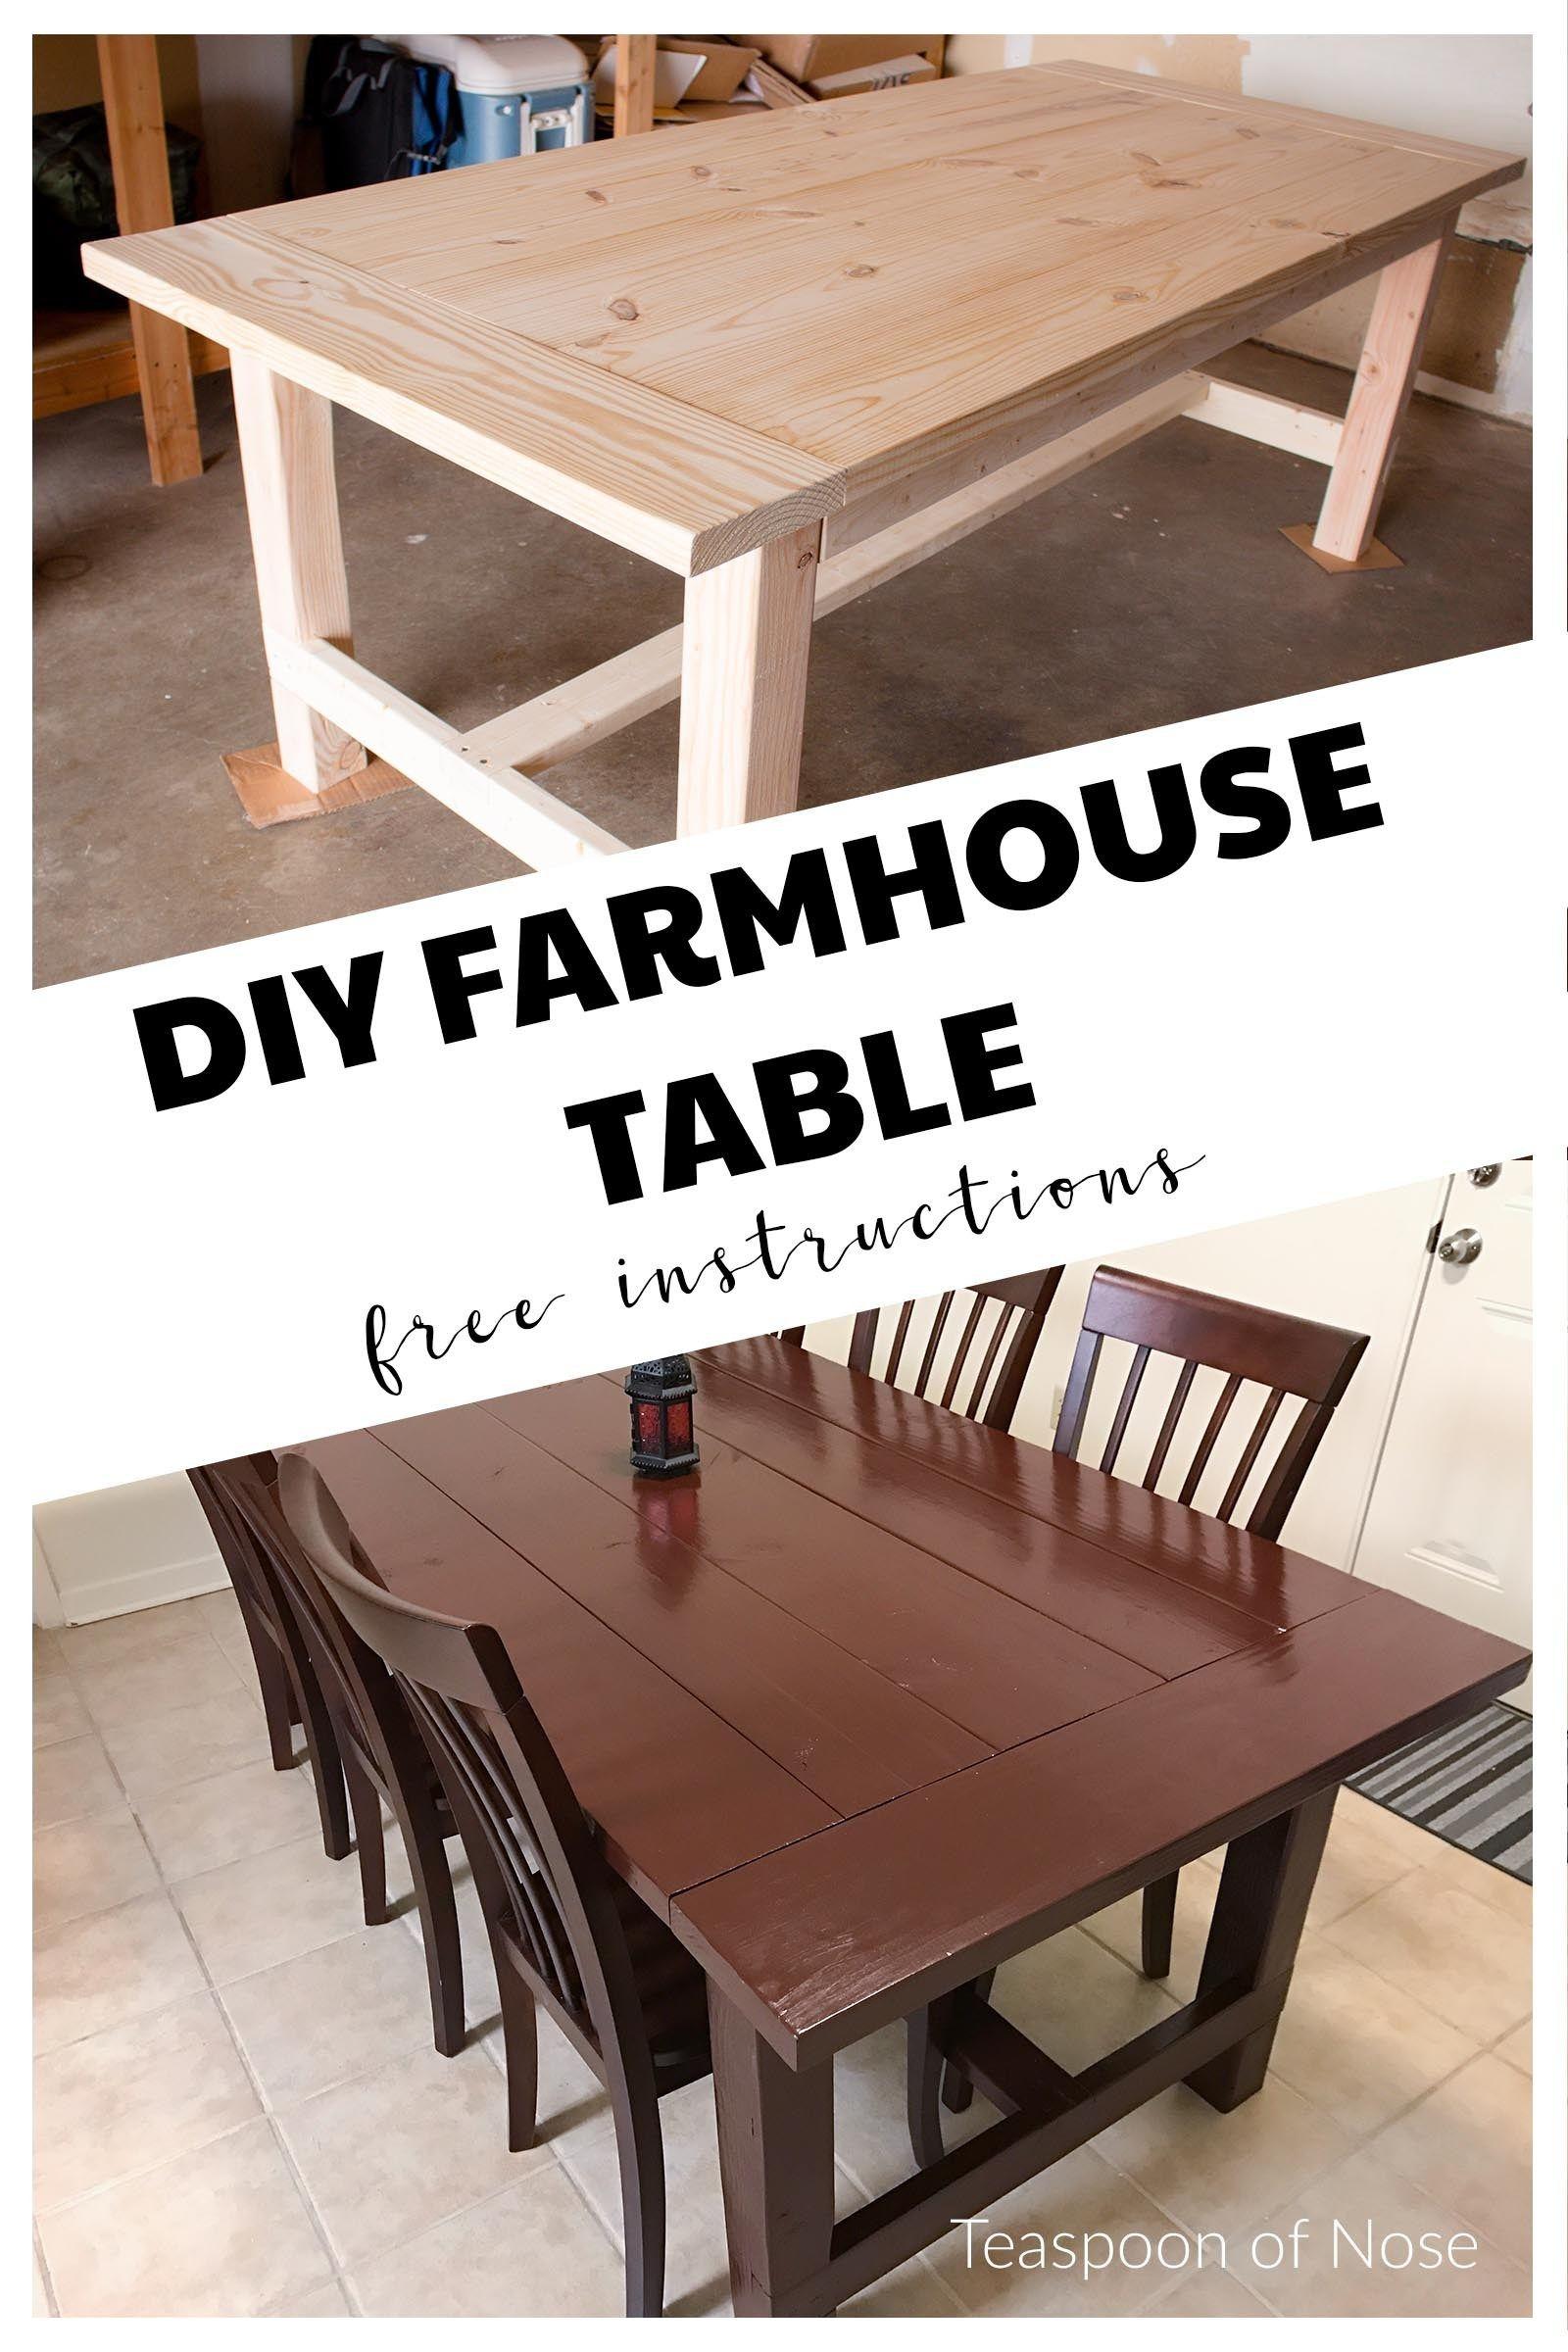 diy farmhouse kitchen table farmhouse kitchen tables build a farmhouse table farmers table on farmhouse kitchen table diy id=88469